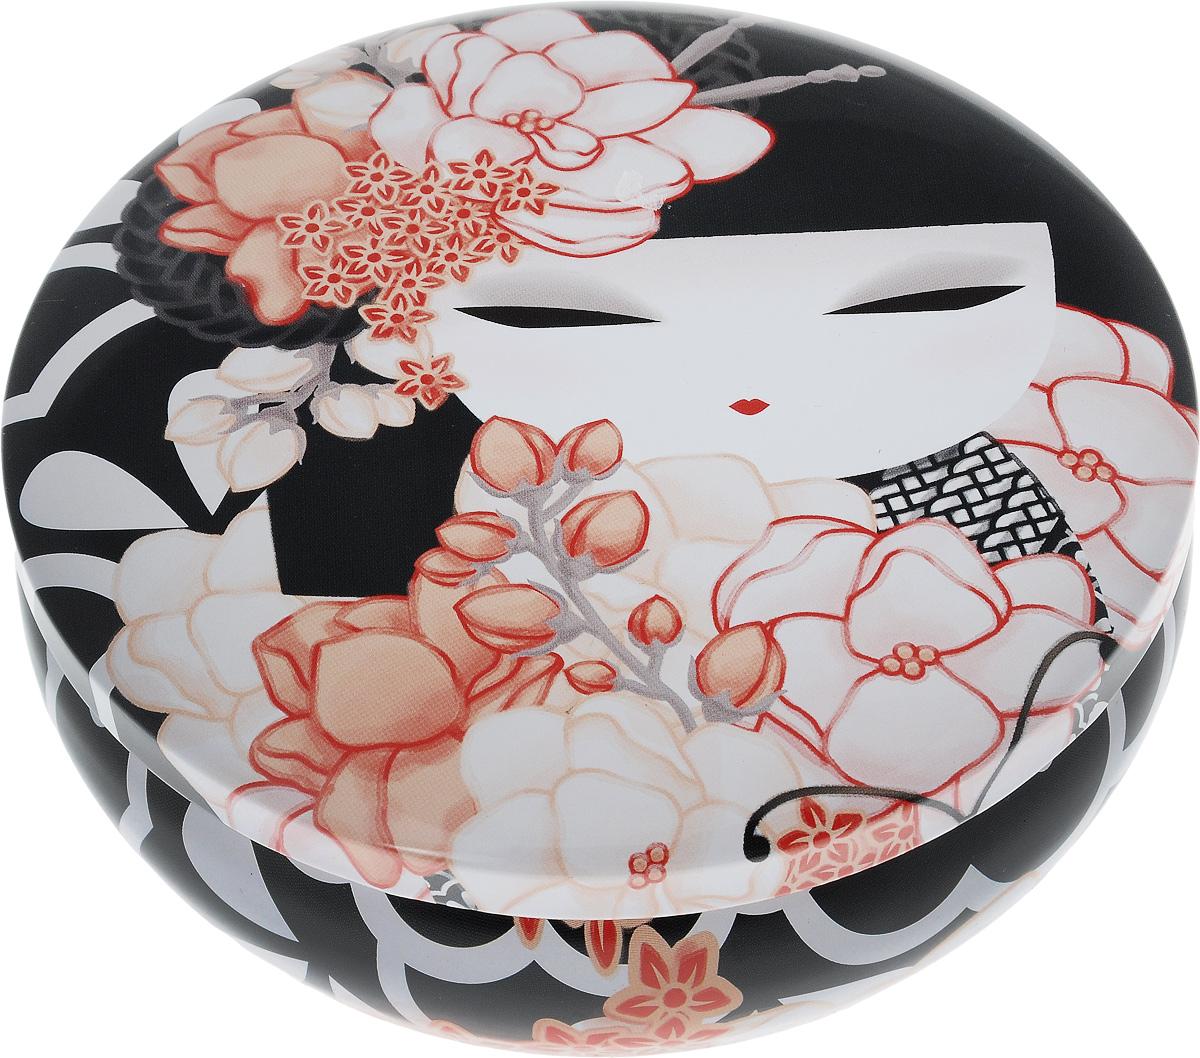 Шкатулка жестяная Kimmidoll Кайо39601Шкатулка жестяная Kimmidoll Кайо изготовлена из жести и оформлена изображением японской куколки кокеши. Шкатулка содержит вместительное отделение, надежно закрывающееся крышкой.Такая шкатулка не только надежно сохранит вашу бижутерию, но и станет необычным украшением интерьера. Размер: 13,5 x 13,5 x 4,5 см.